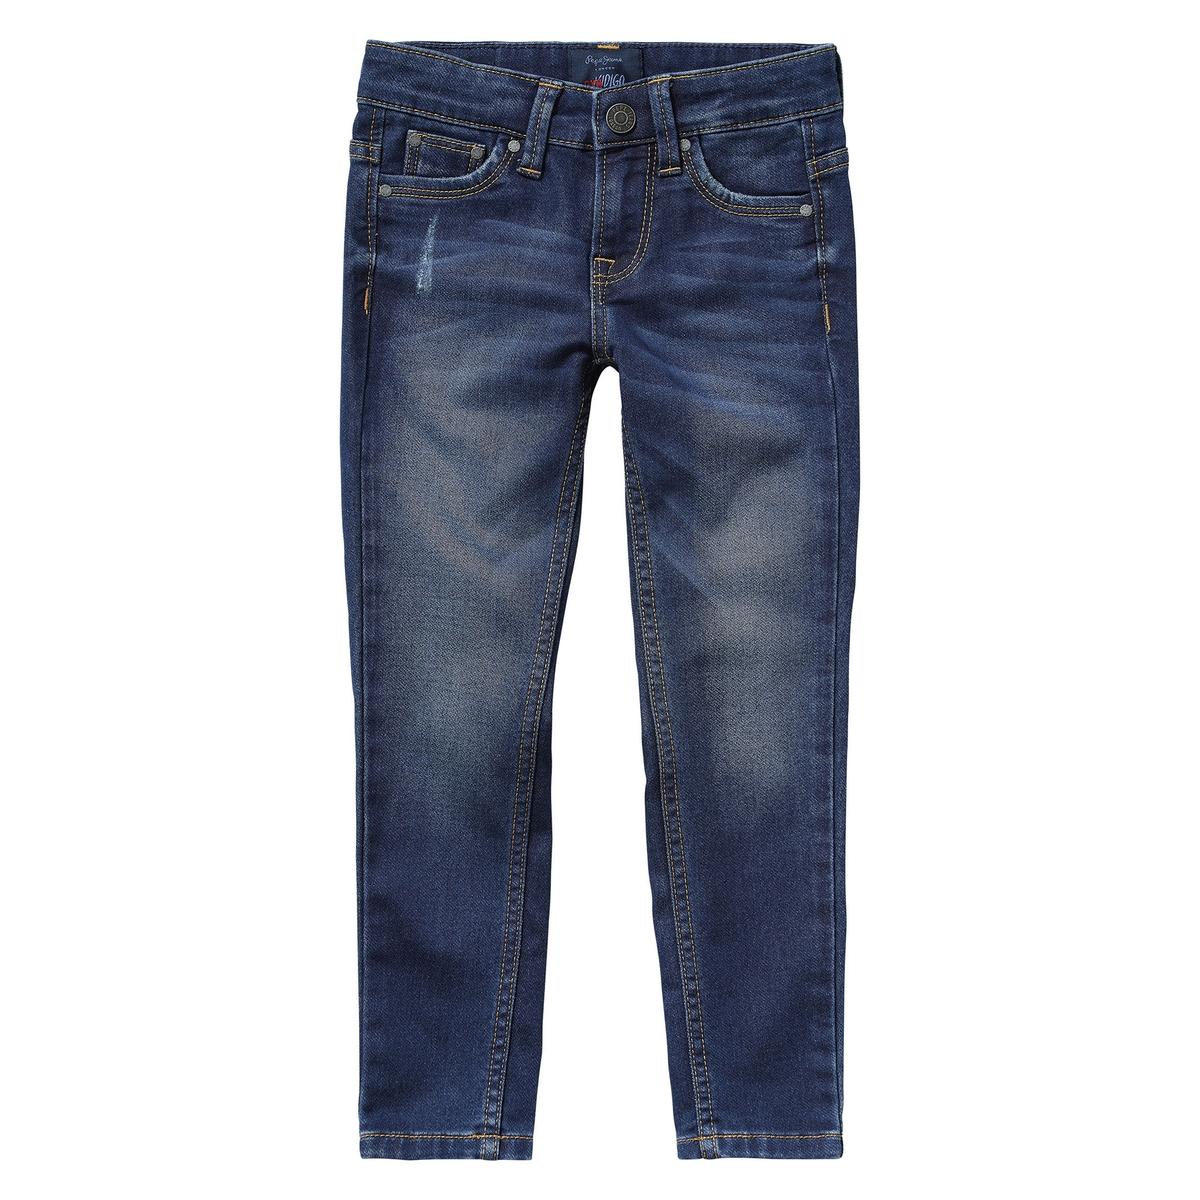 Джинсы слим 8 - 16 лет джинсы узкие для 8 16 лет